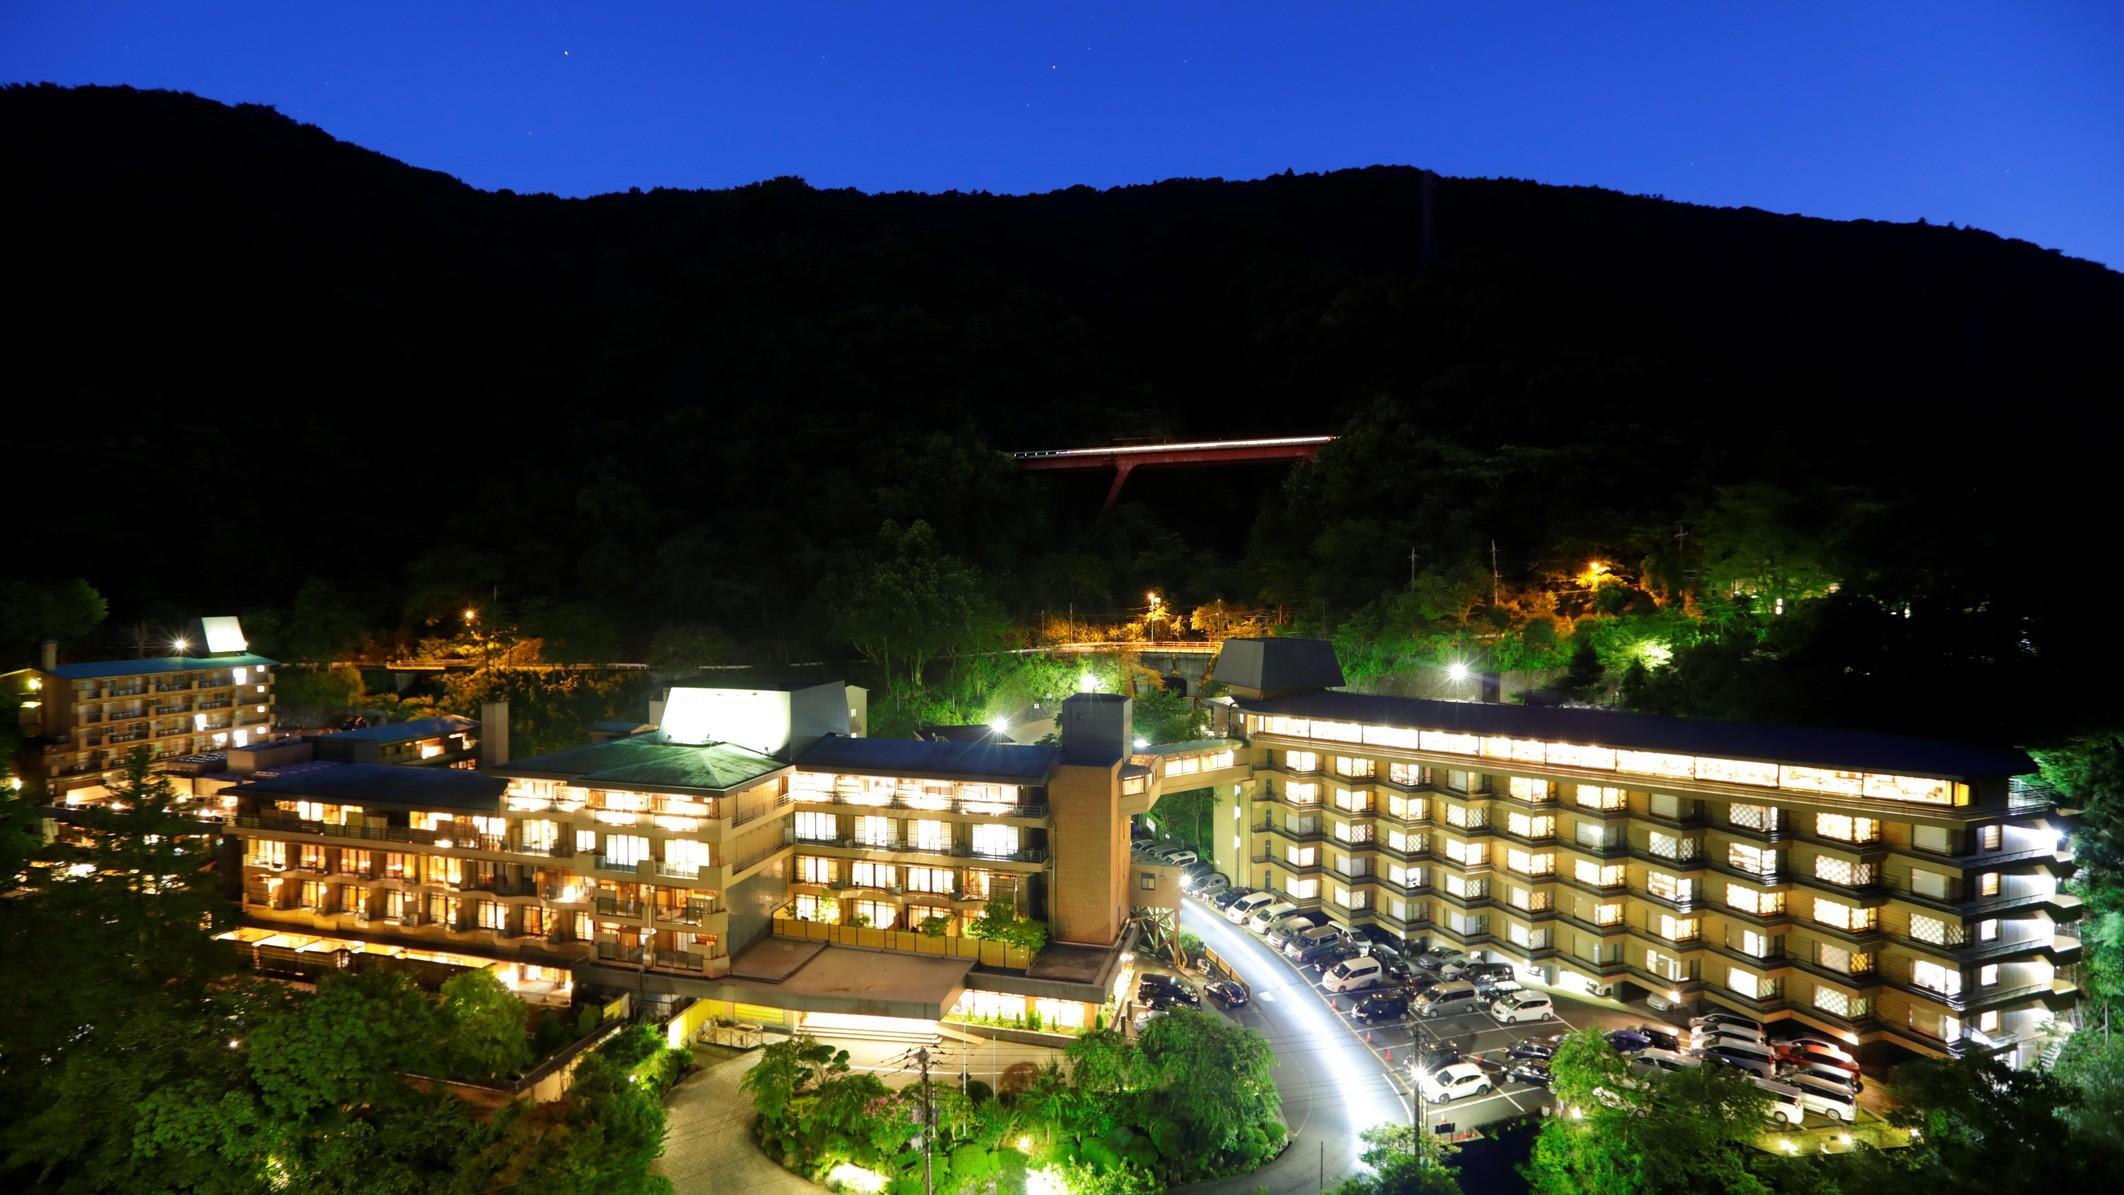 箱根温泉で格安料金だと嬉しい!ちょっとワガママに、客室露天風呂付の温泉旅館を教えて!